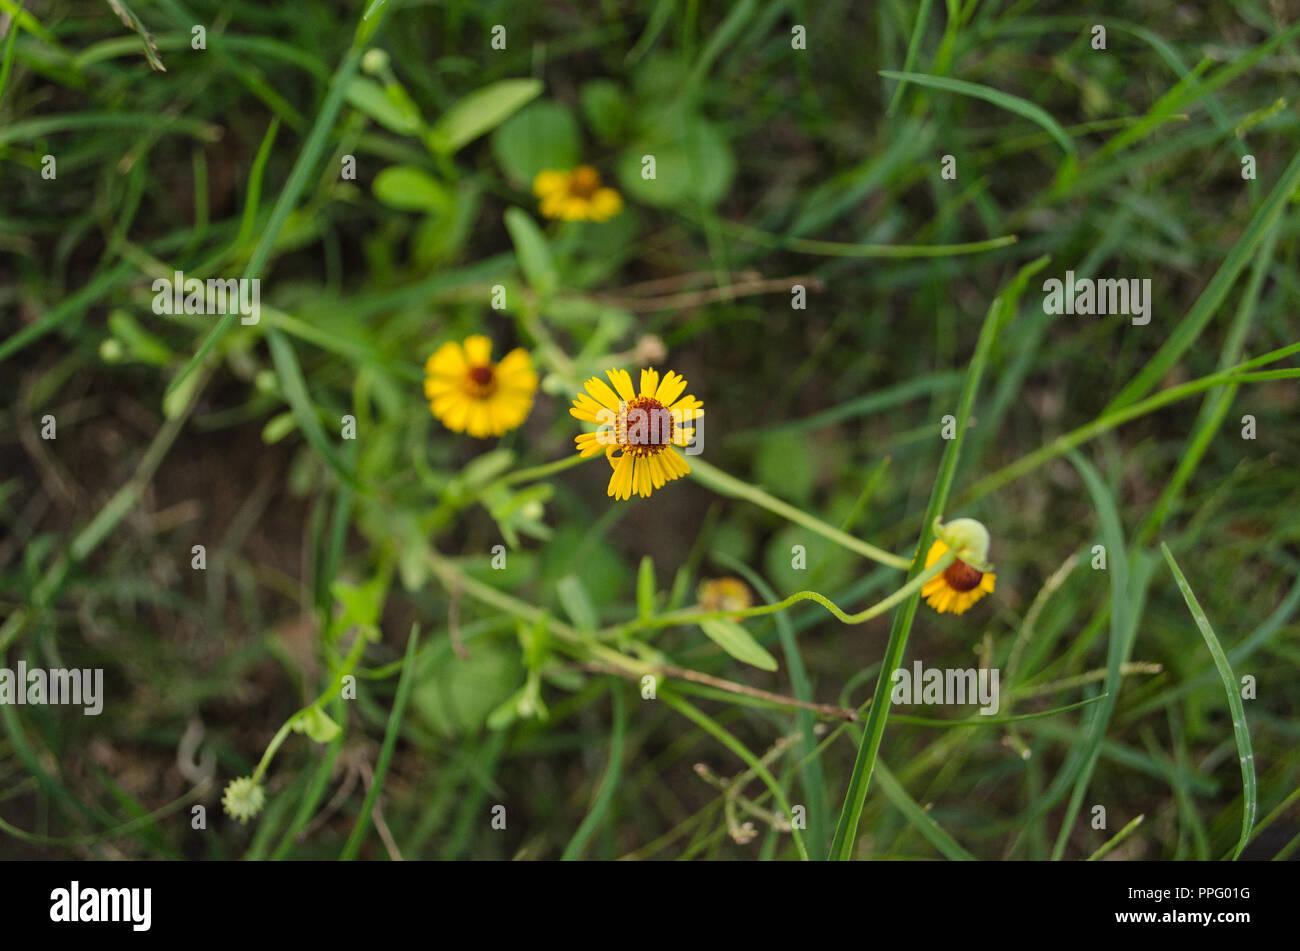 Kleine gelbe Feld Wunder der Hintergrund. Schließen Sie die Schönheit der Blume zu würdigen. Stockbild